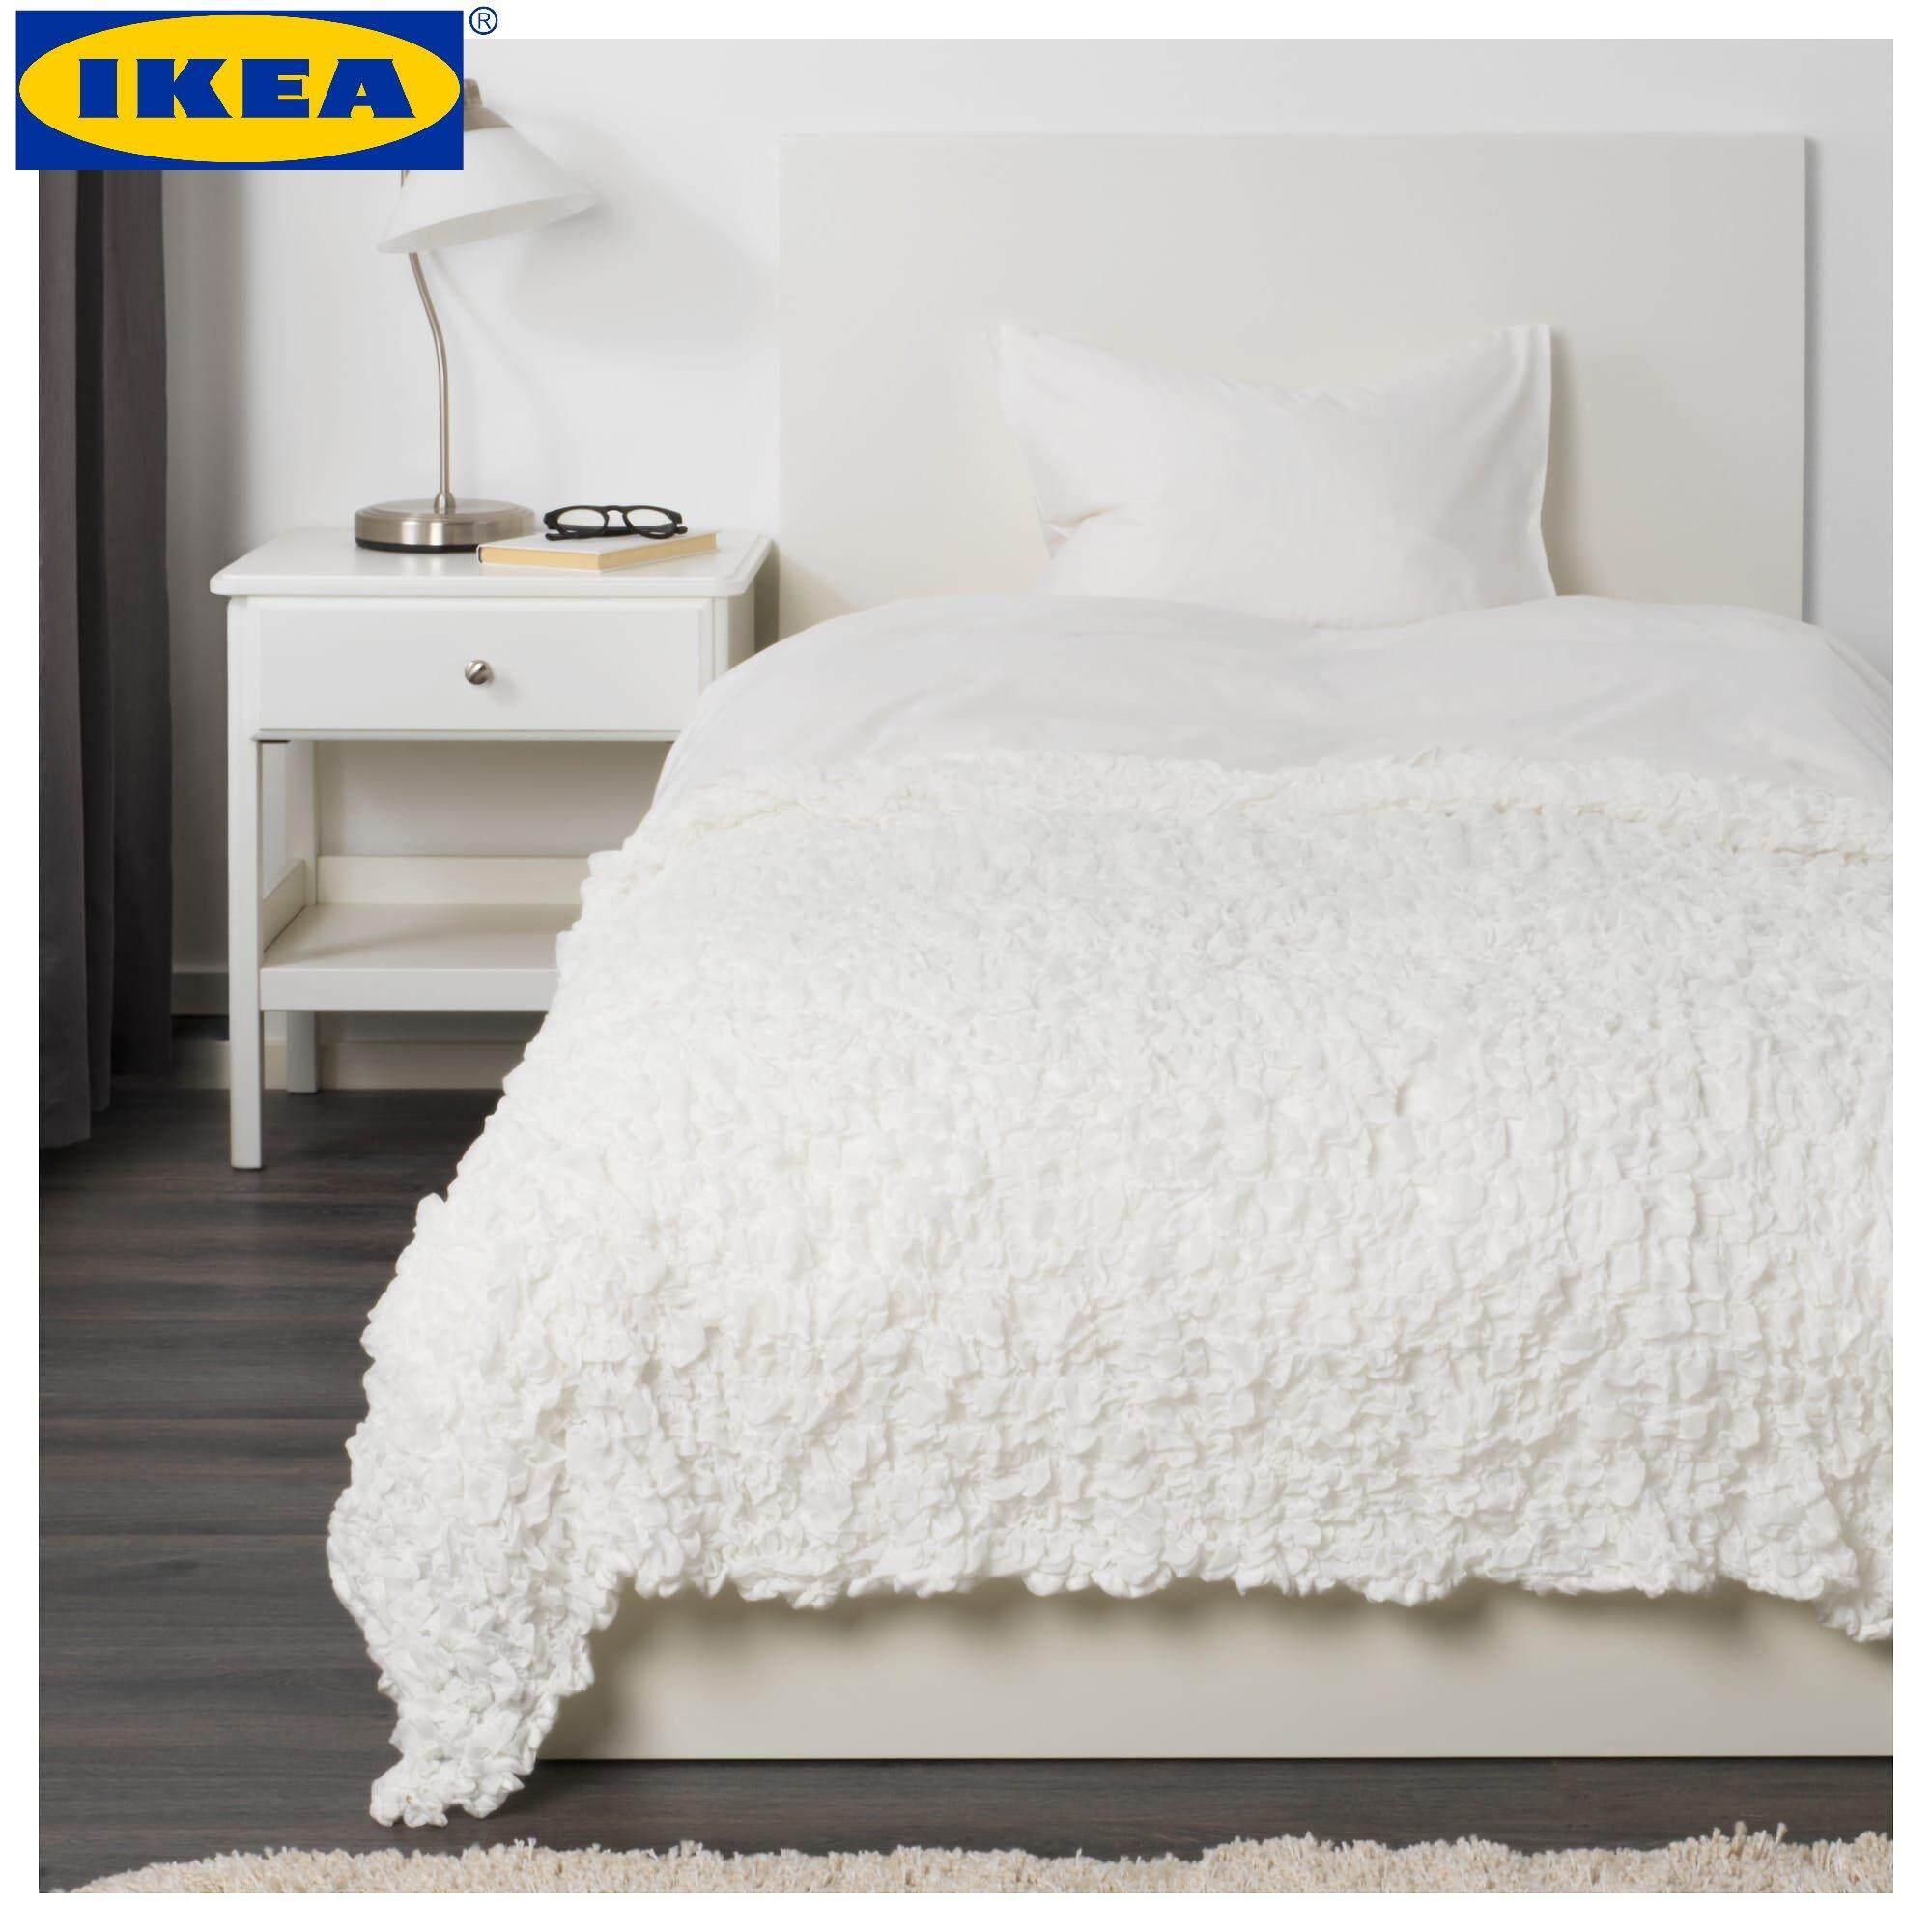 IKEA OFELIA White Blanket (130x170 Cm)